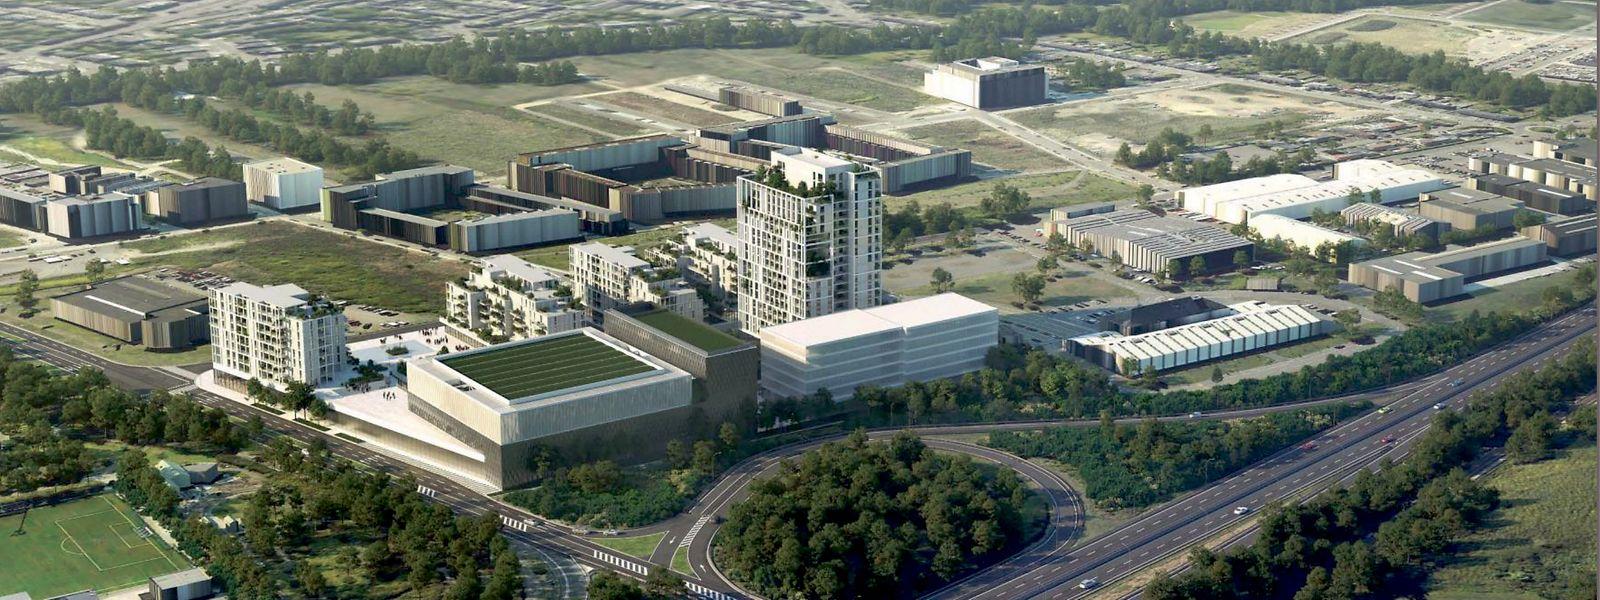 In etwa so könnte das neue Viertel in Zukunft aus der Luft aussehen. Im Vordergrund ist die A4 zu erkennen. Hinter den geplanten Neubauten befindet sich das Viertel Nonnewisen.